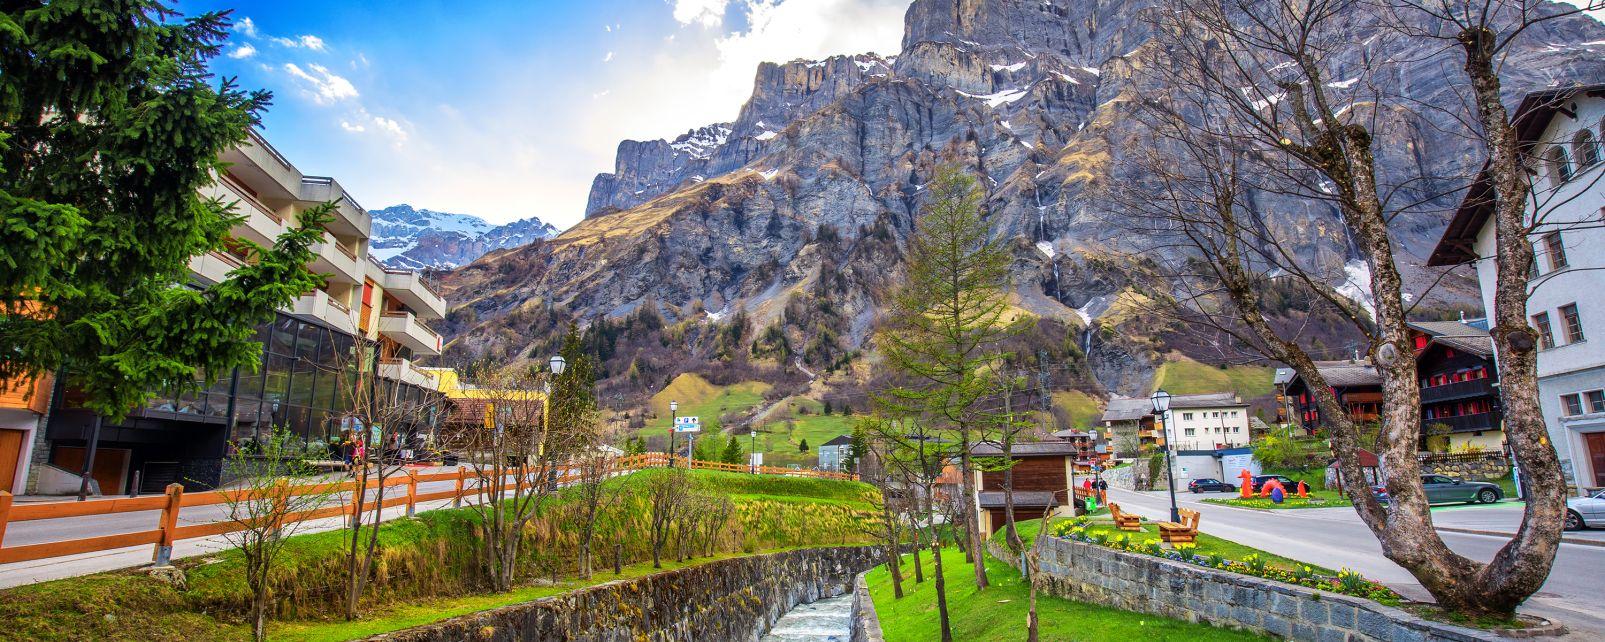 Les stations de ski, leukerbad, suisse, europe, loèche-les-bains